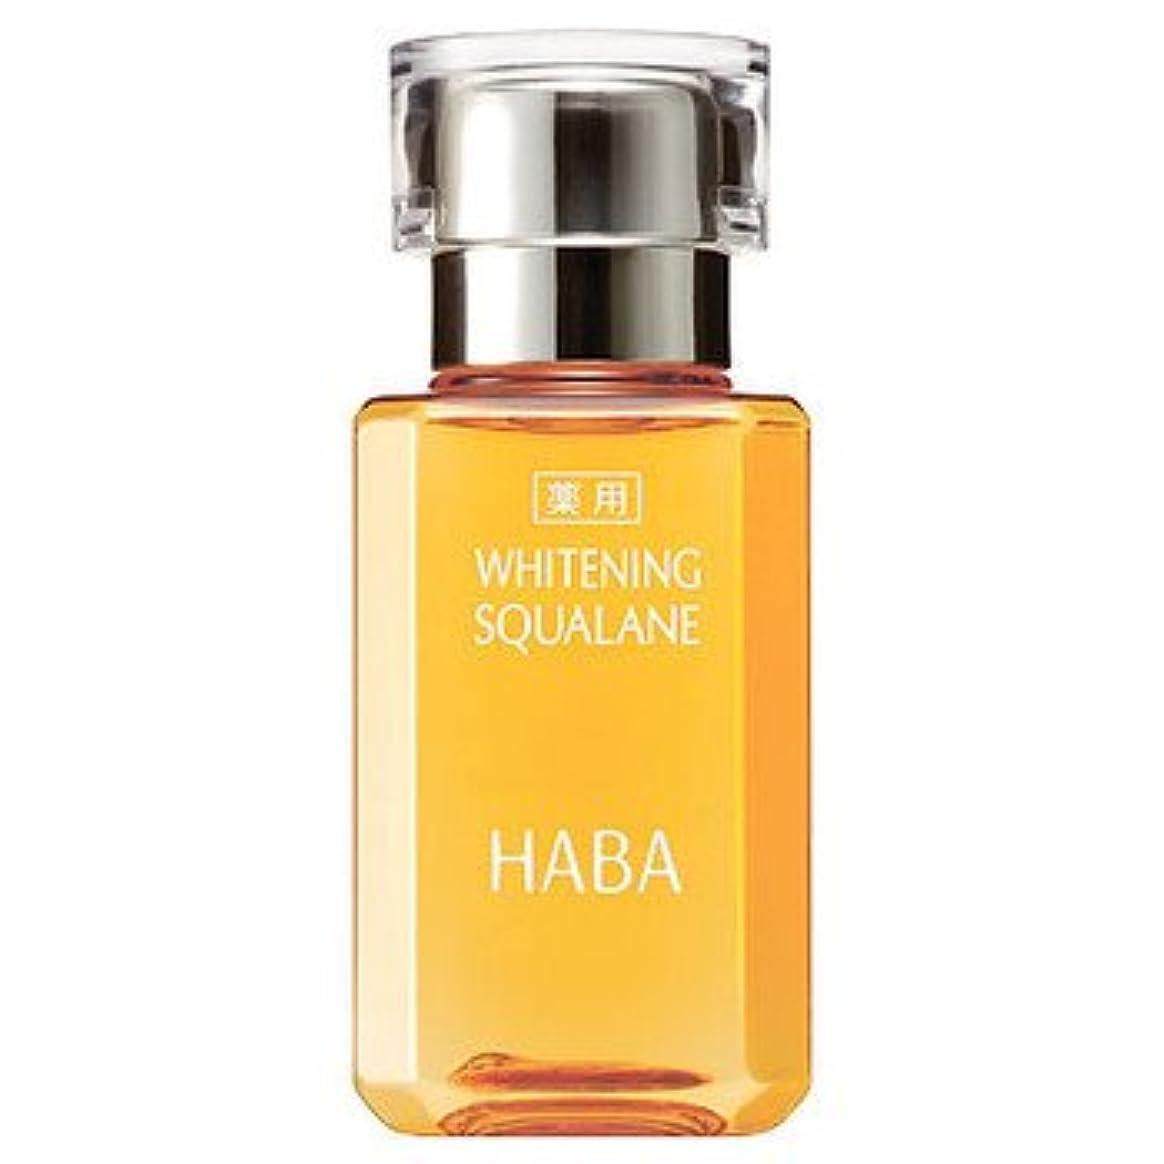 半径緩める注文HABA ハーバー 薬用ホワイトニングスクワラン 30ml フェイスオイル (医薬部外品) [並行輸入品]